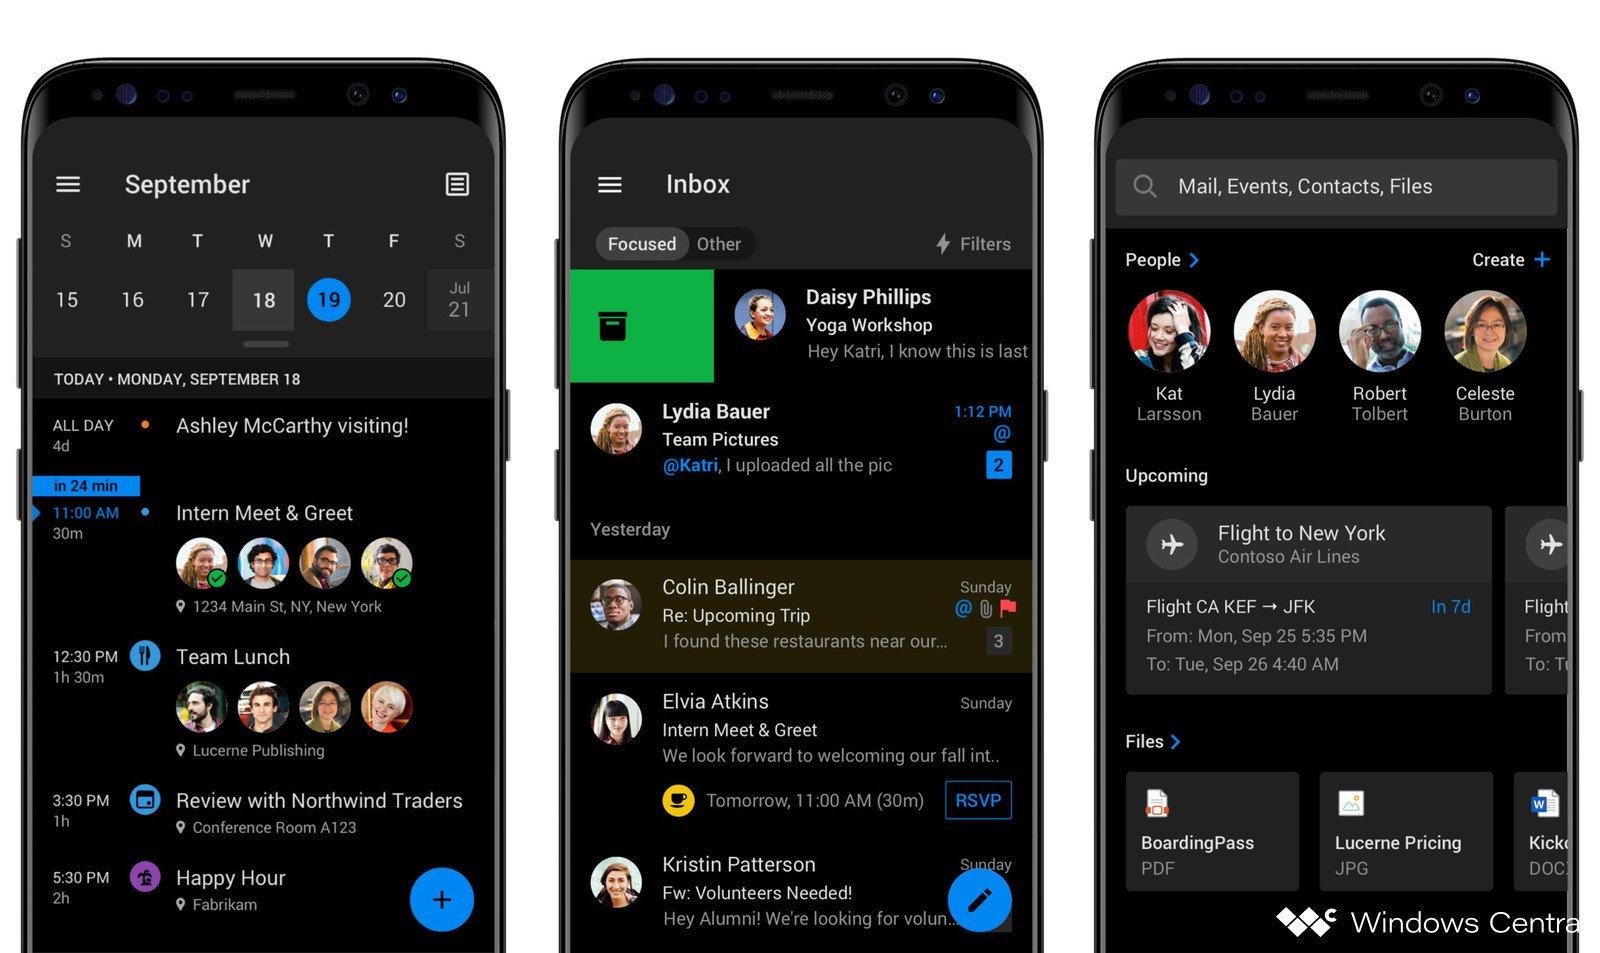 تطبيق آوتلوك من مايكروسوفت يحصل أخيرًا على الوضع المُظلم